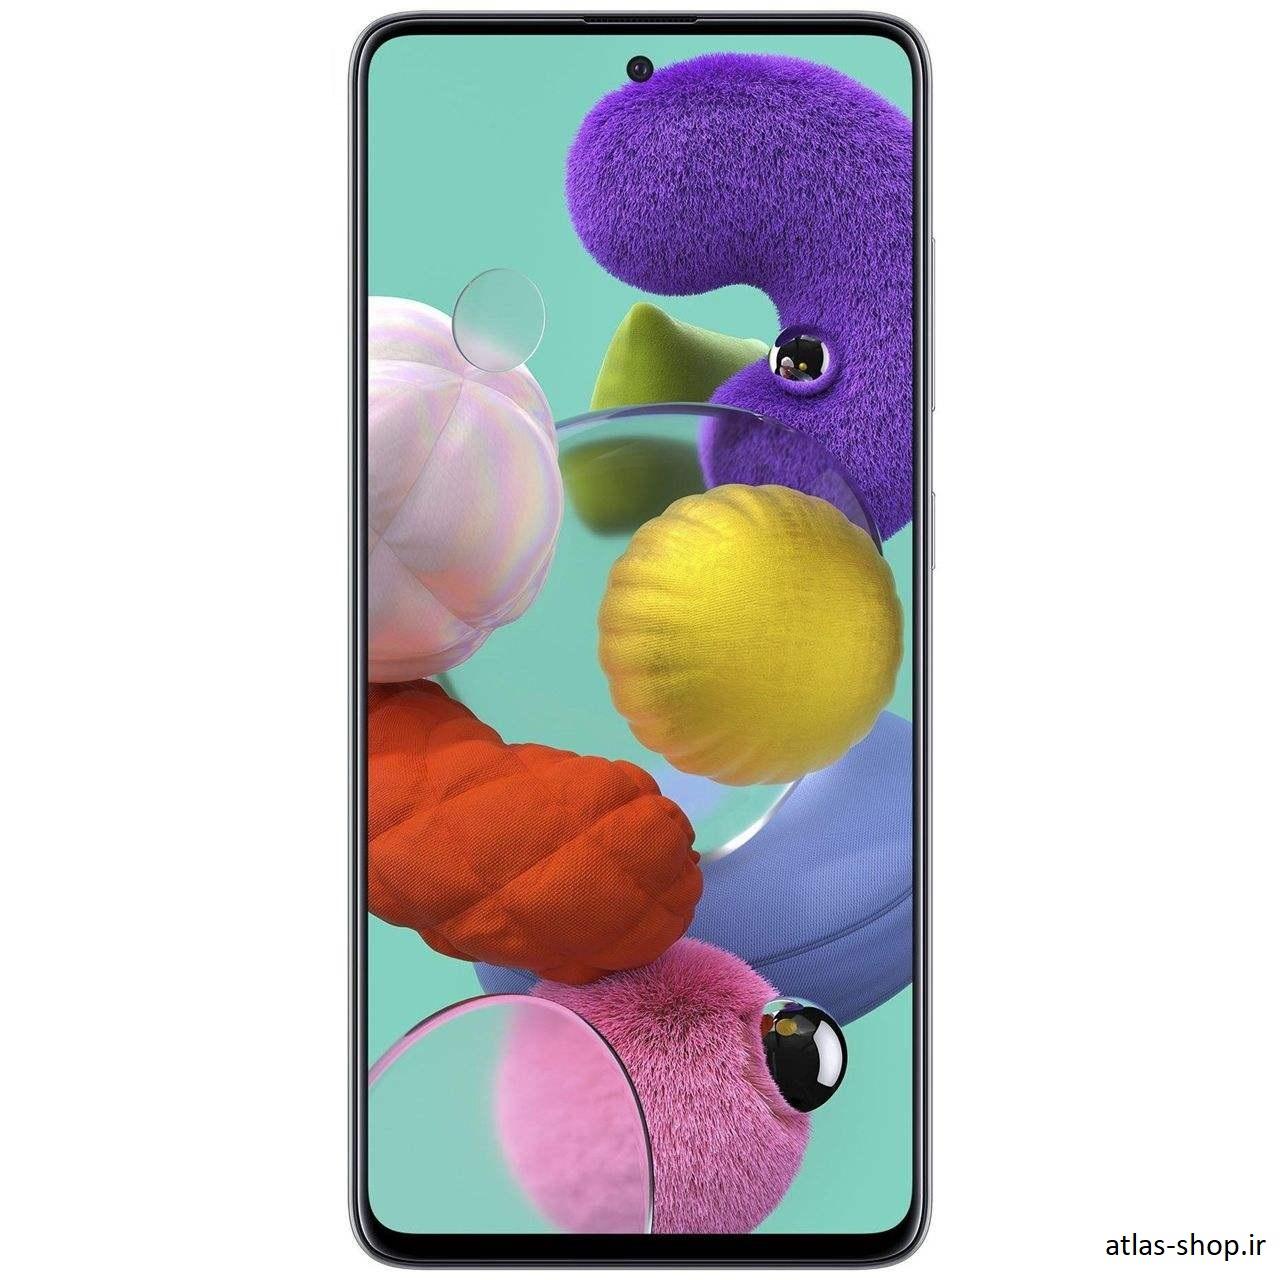 گوشی موبایل سامسونگ Galaxy A51 ظرفیت 128گیگابایت رنگ آبی